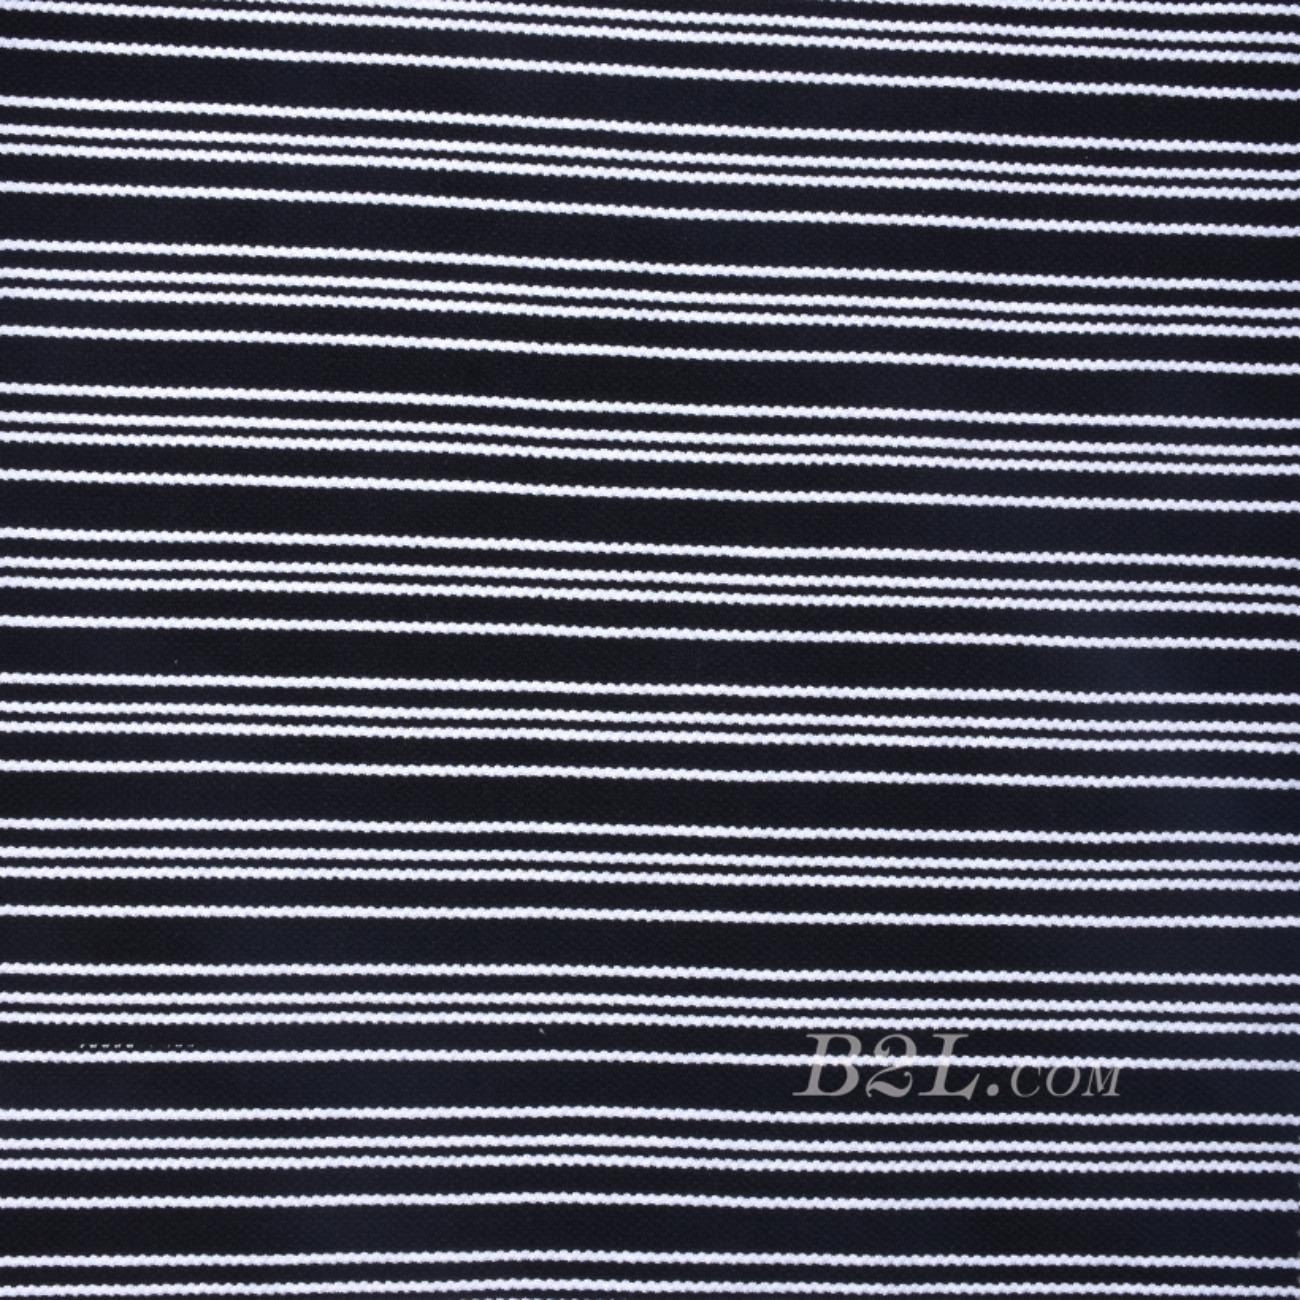 针织弹力条子面料圆机纬编竖条连衣裙期货棉感T恤针织衫60311-57